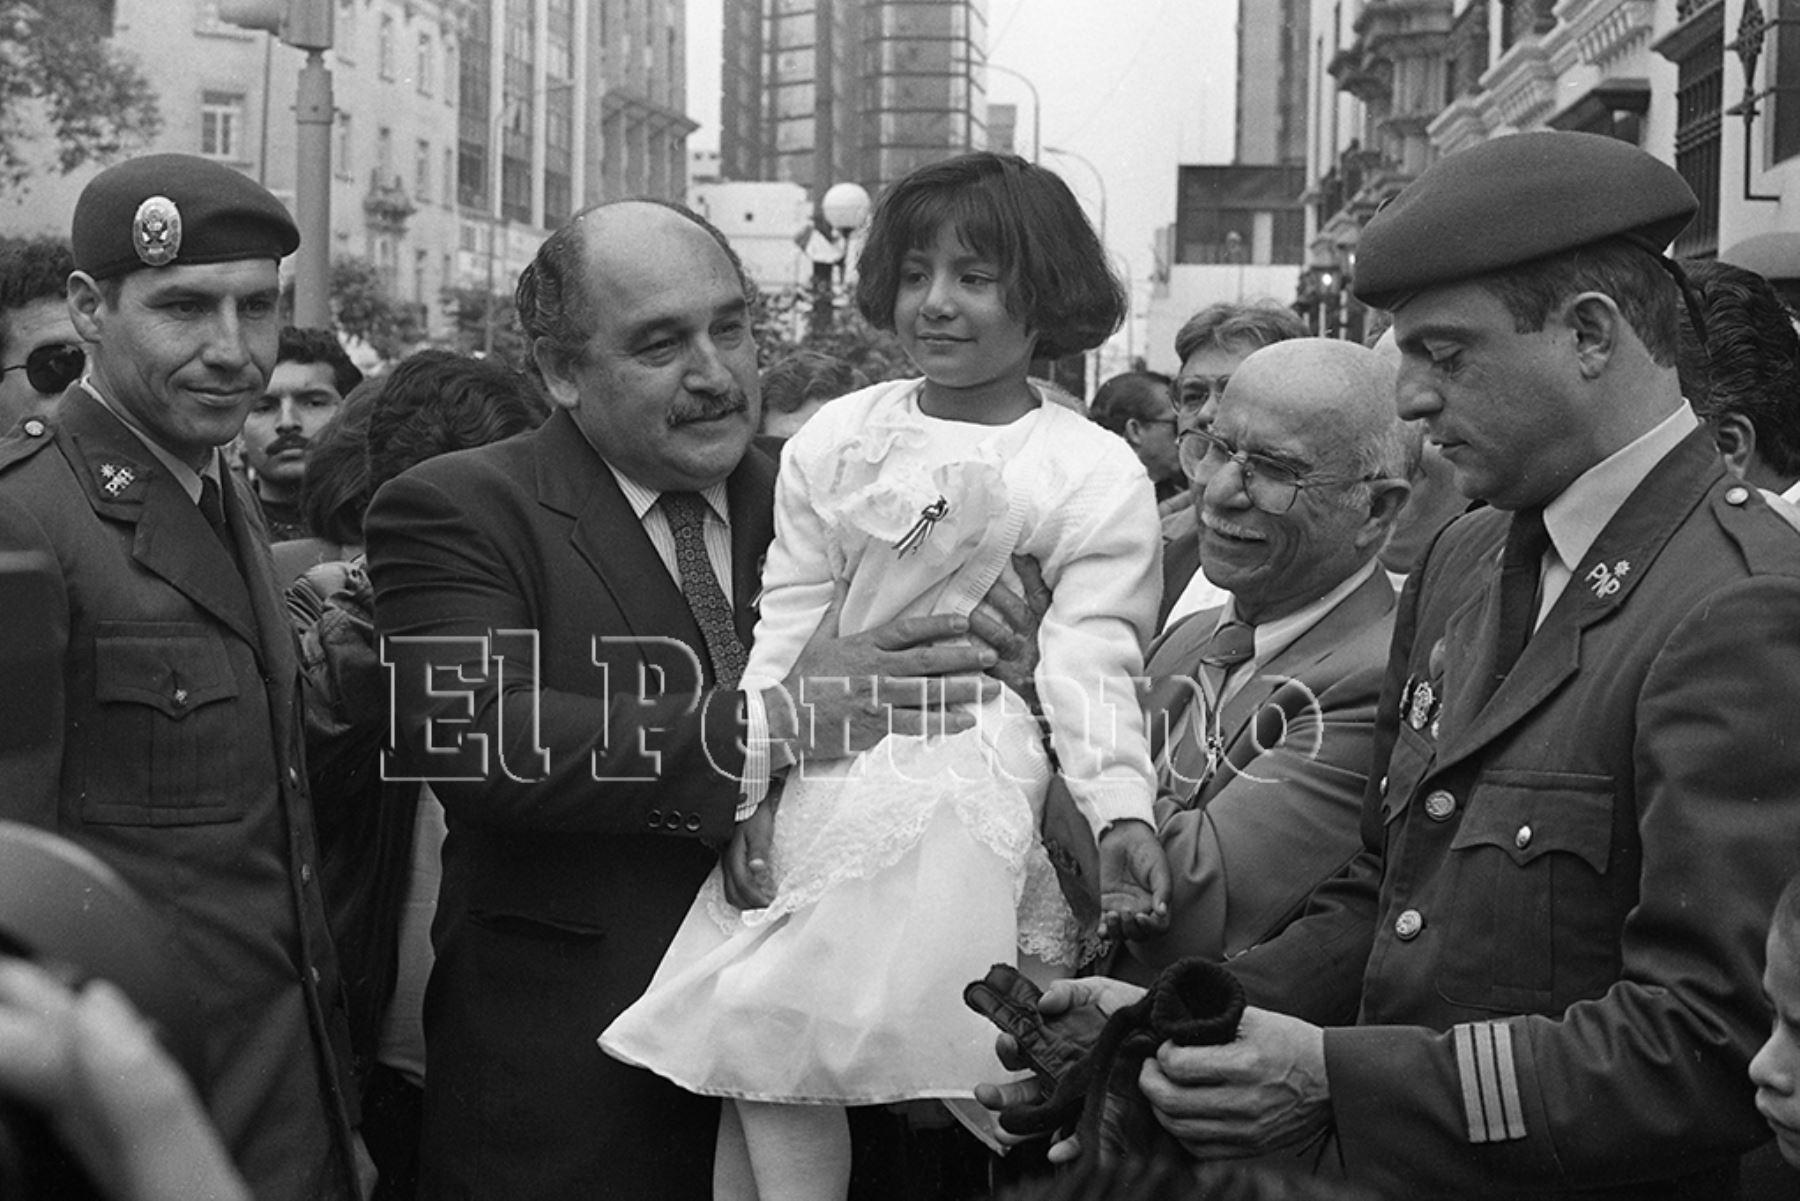 Lima - 18 julio 1993 / El alcalde  Alberto Andrade Carmona y Vanessa Quiroz, niña simbolo de Tarata, participan en la marcha por la paz en Miraflores.